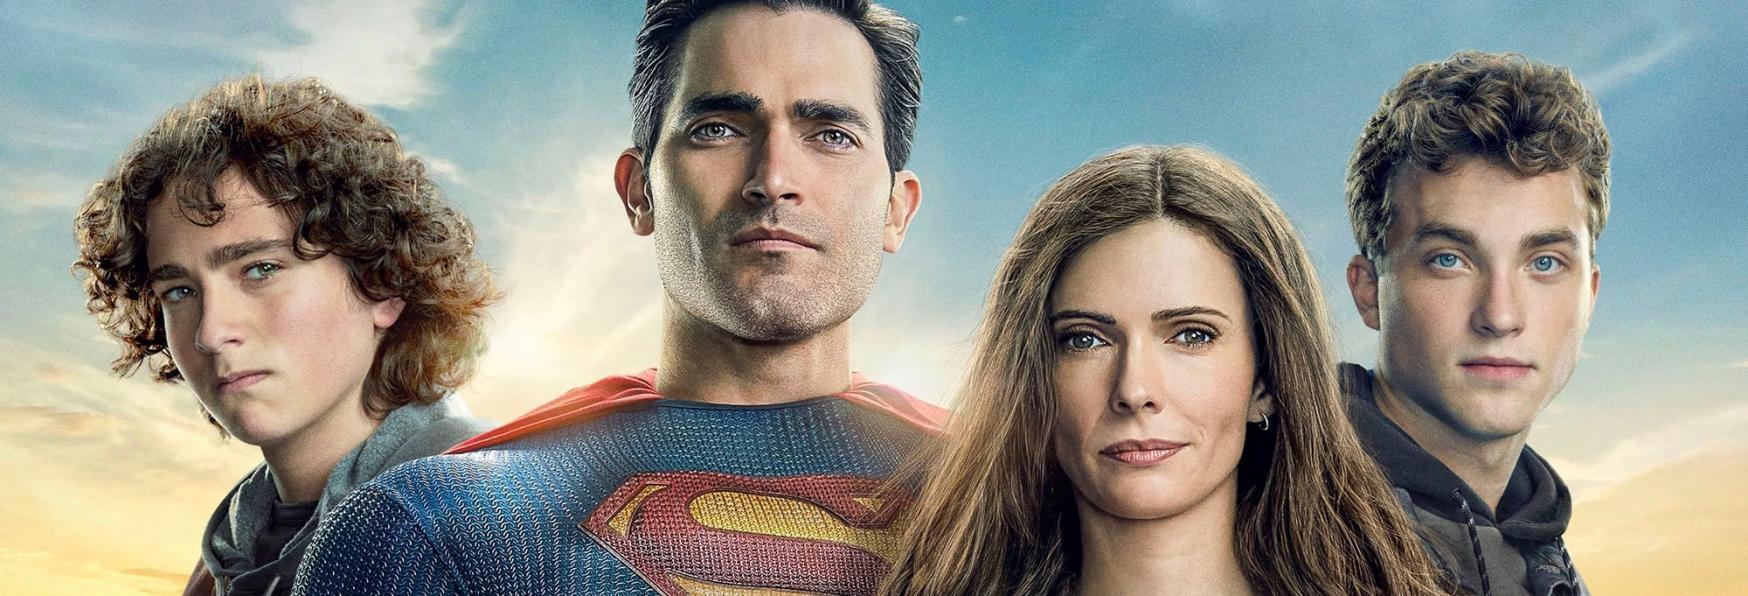 Superman & Lois 1x14: Rilasciato il Promo del penultimo Episodio della Serie TV The CW